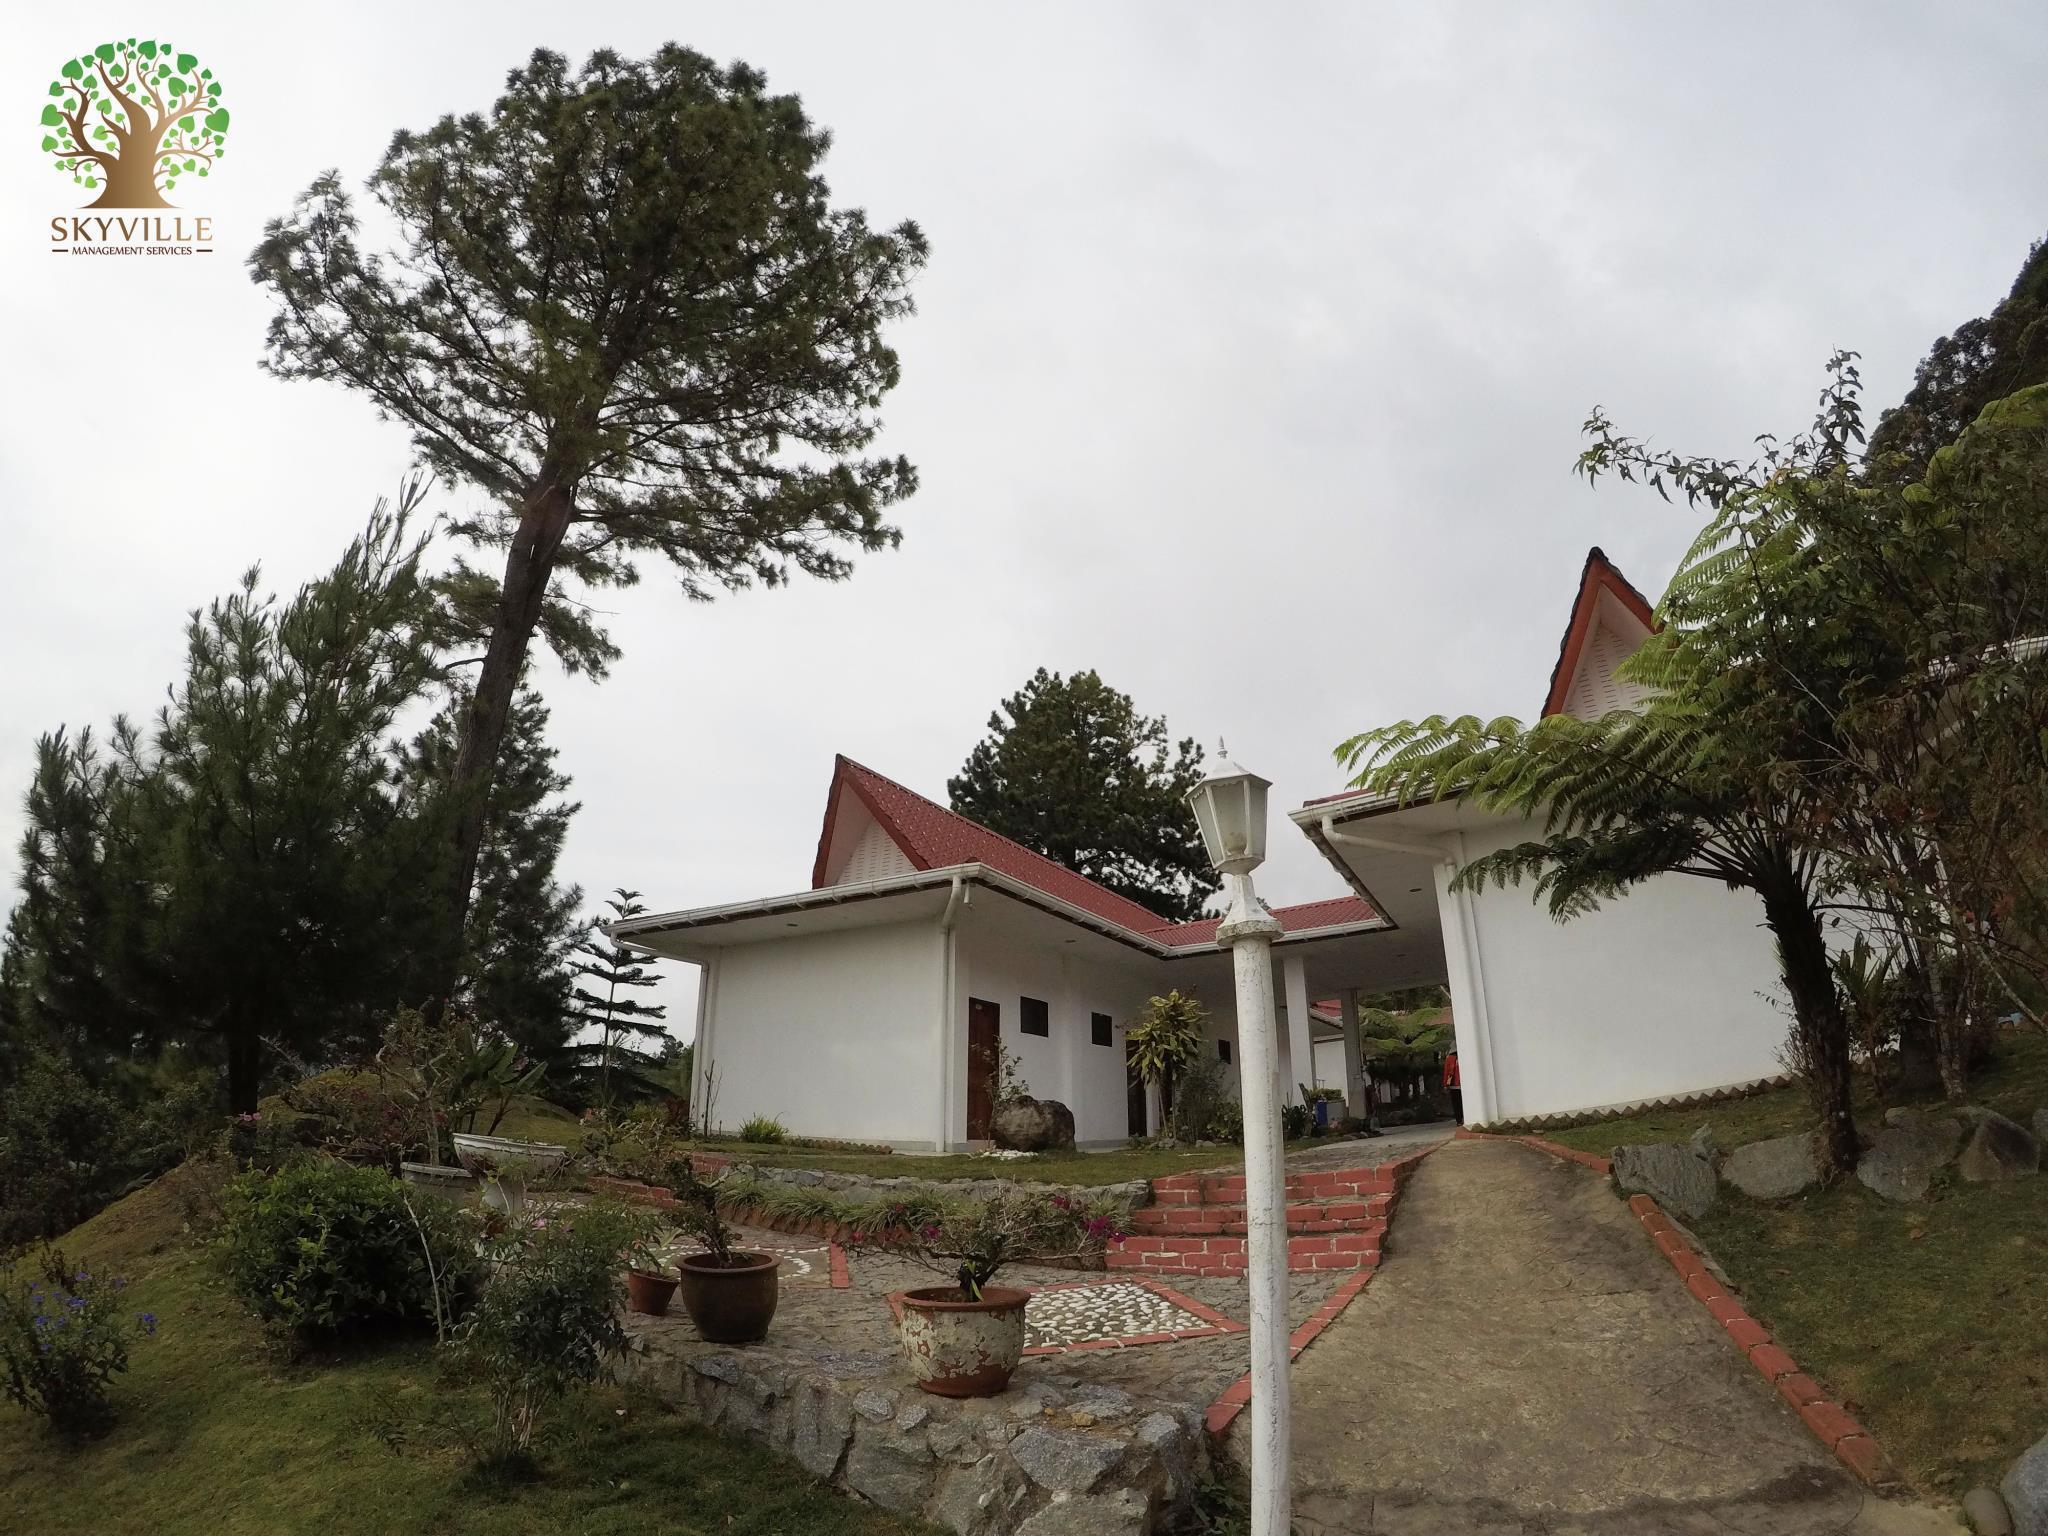 Skyville Zen Resort